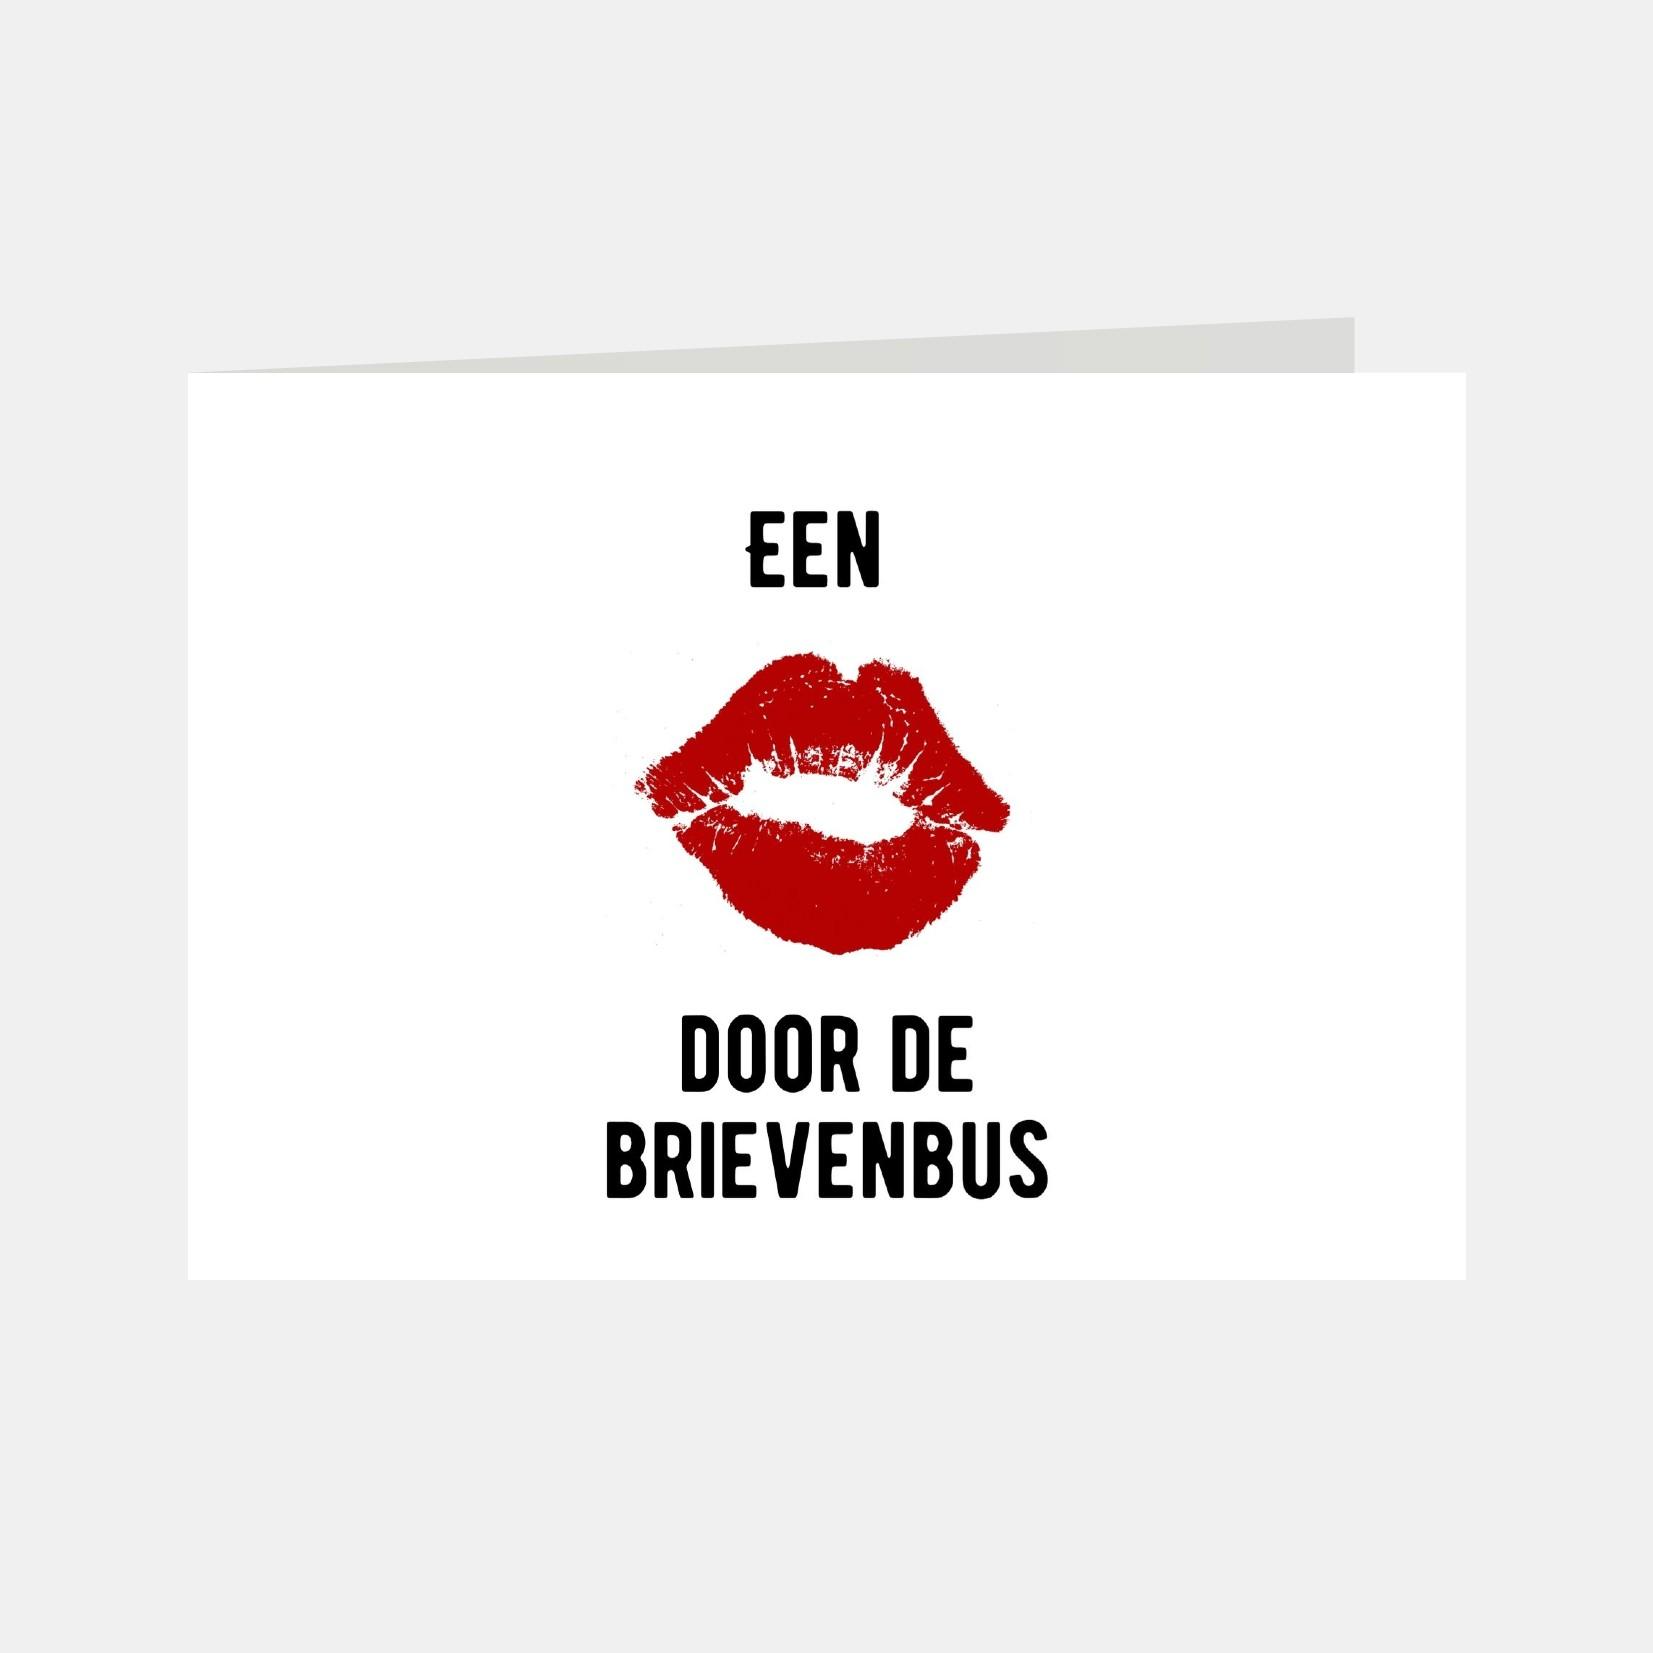 Wenskaart met de tekst een kus door de brievenbus